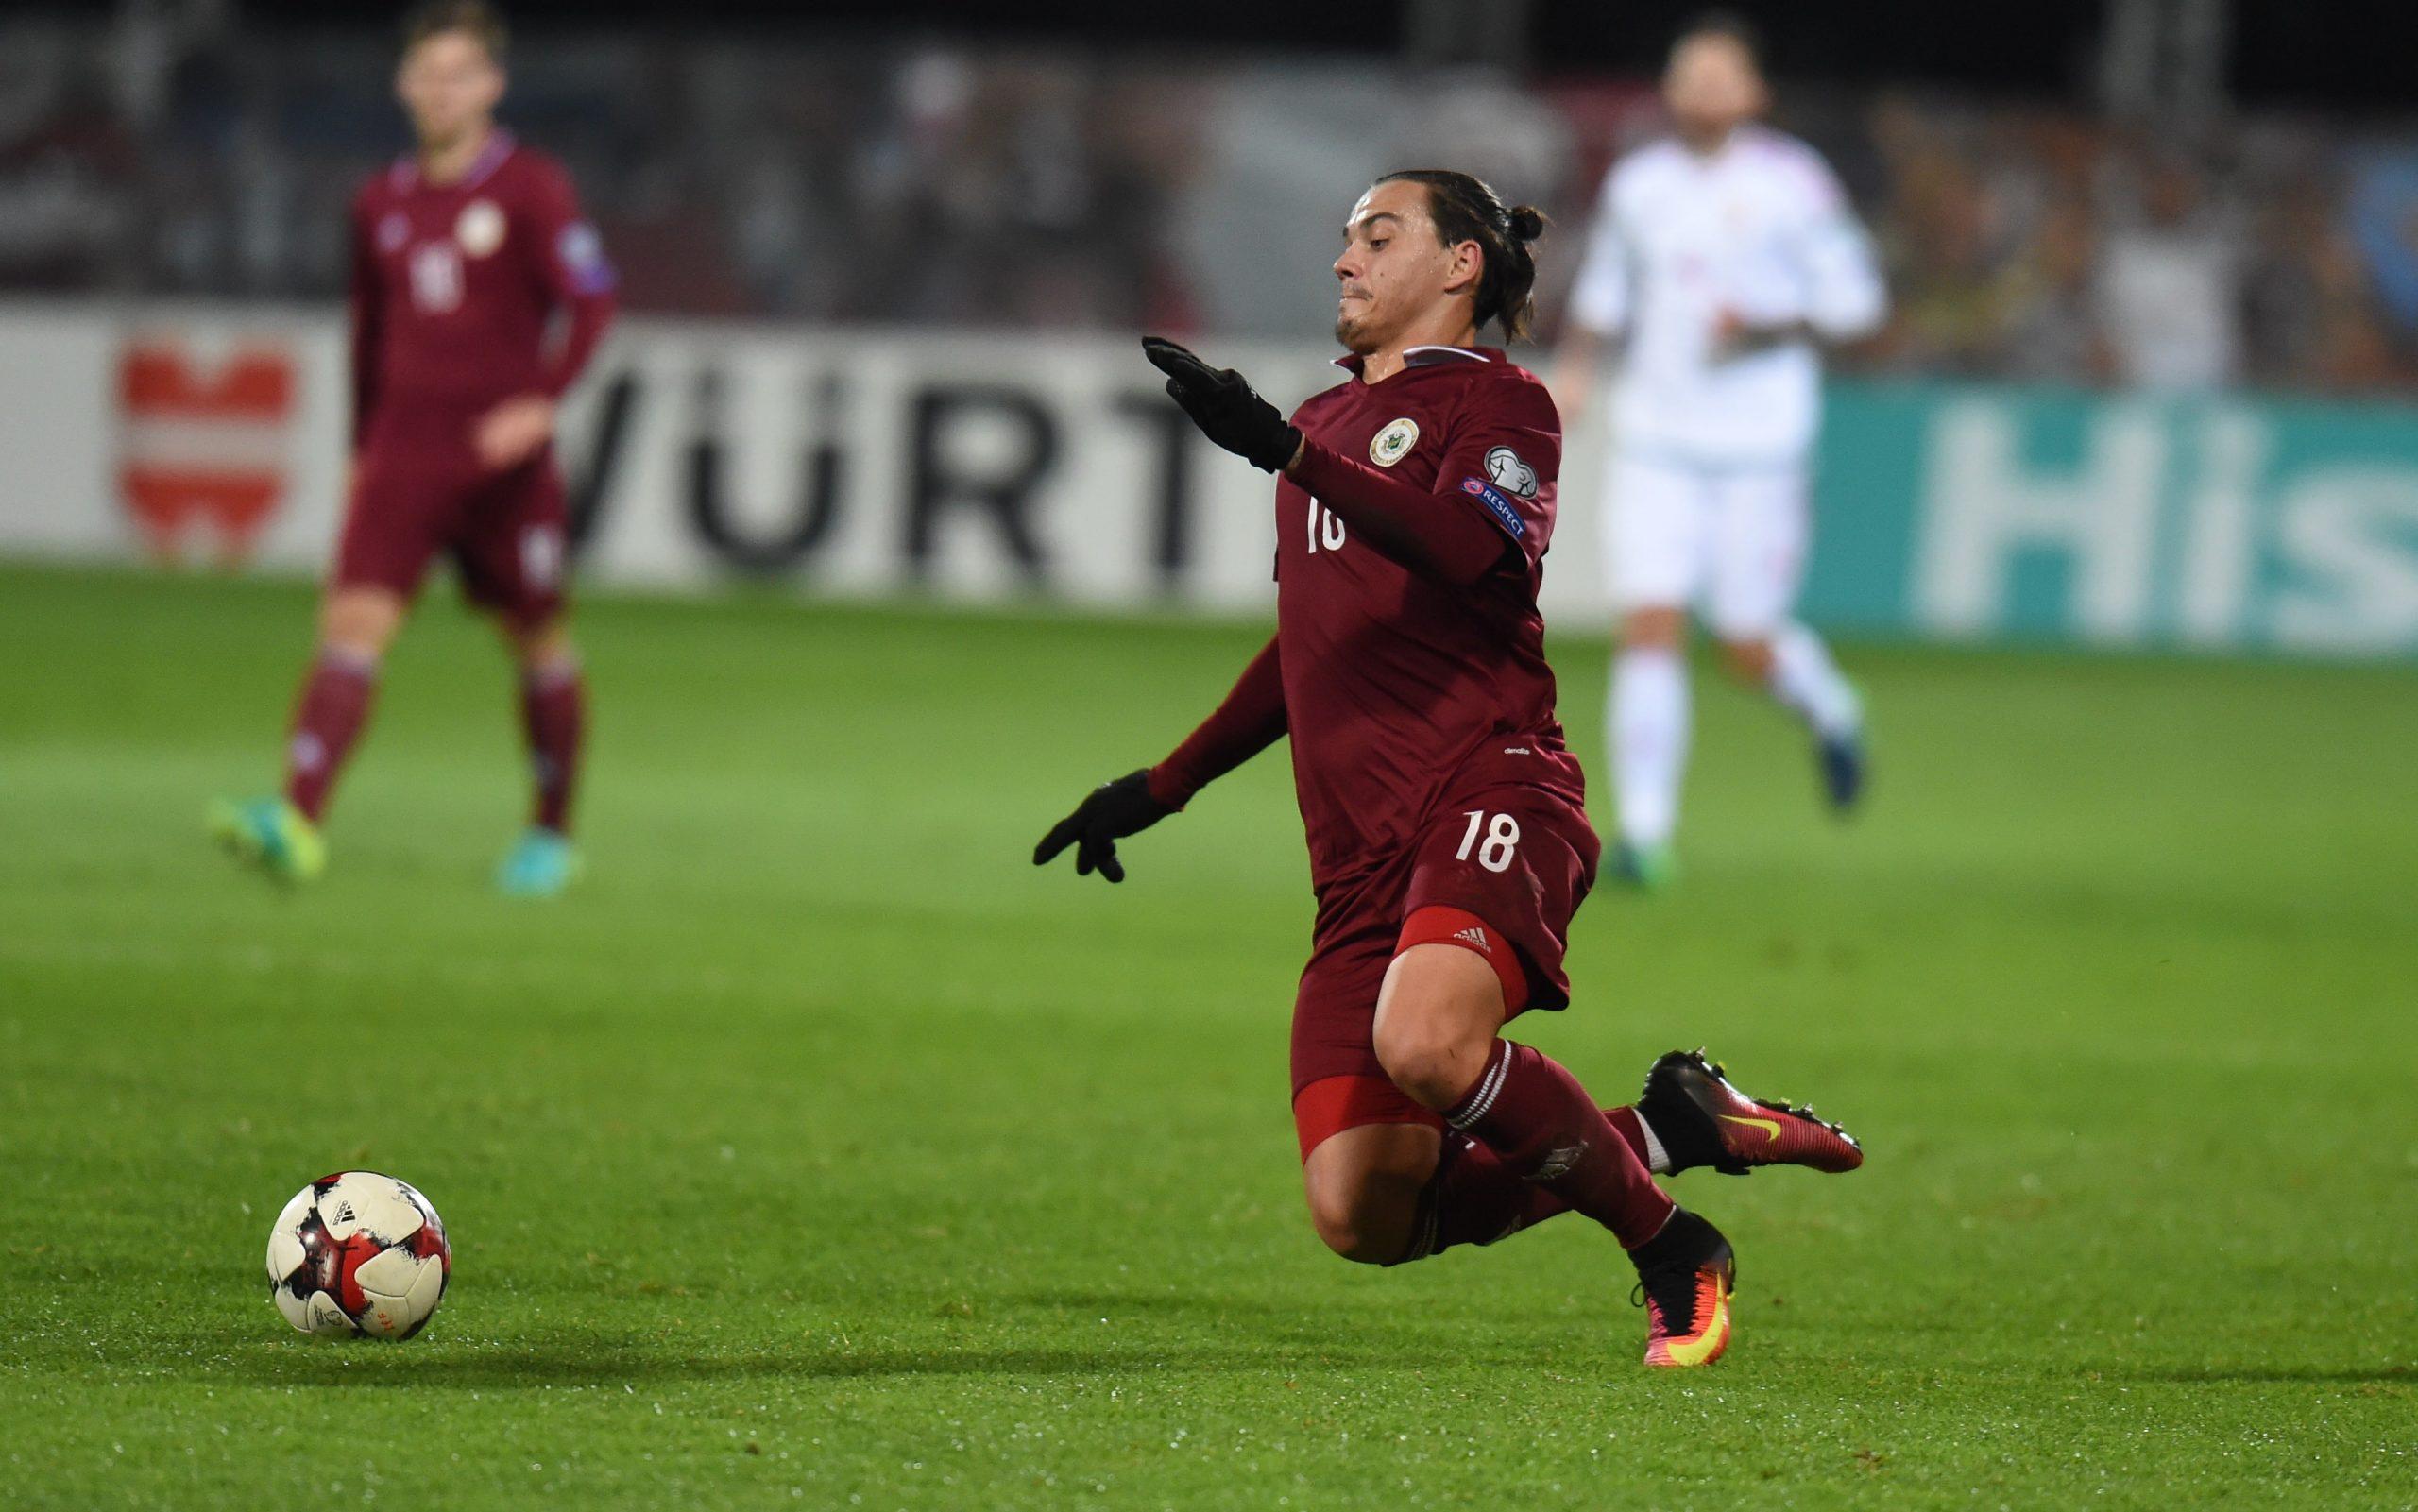 Latvija uzsāk PK kvalifikāciju – kā iepriekš futbola izlasei veicies lielo turnīru atlašu pirmajos mačos